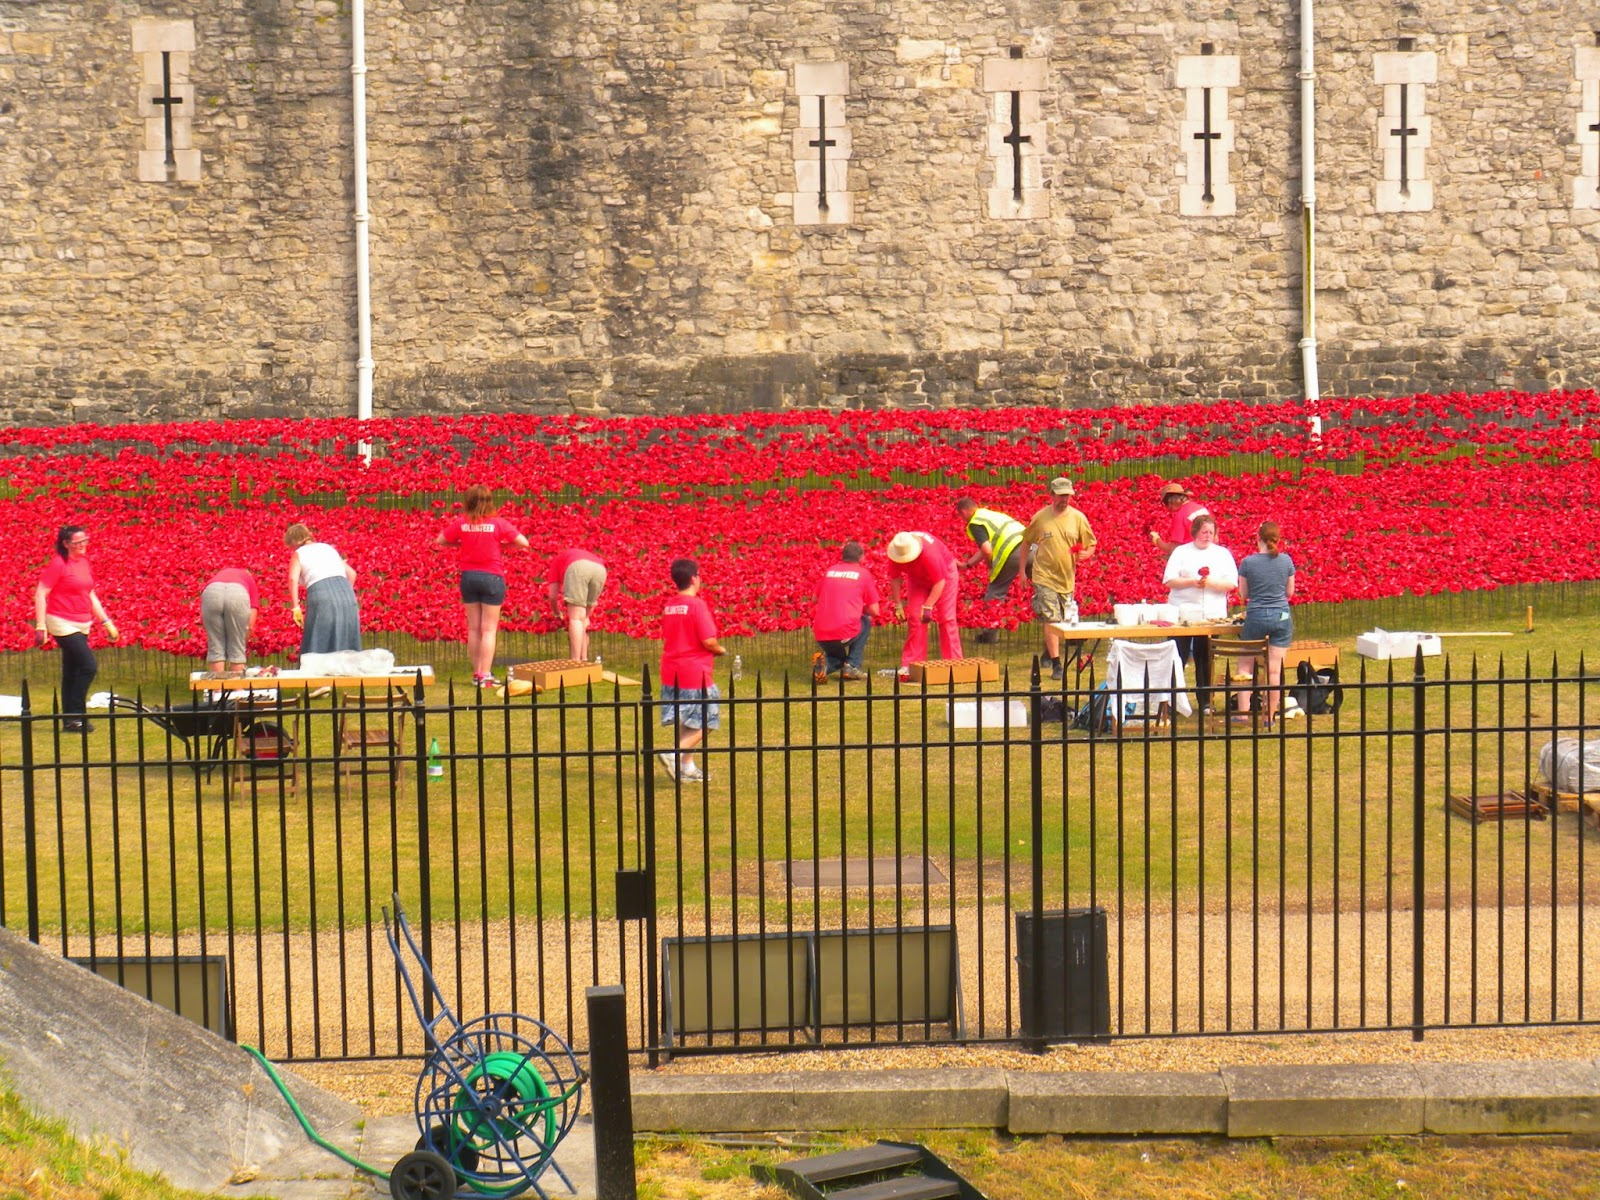 Κάθε παπαρούνα τοποθετήθηκε με σεβασμό και αγάπη από εθελοντές γύρω από τον  Πύργο του Λονδίνου και η περιμετρική τάφρος πλημμύρισε κόκκινο - σύμβολο  μνήμης ... 7e13182788b